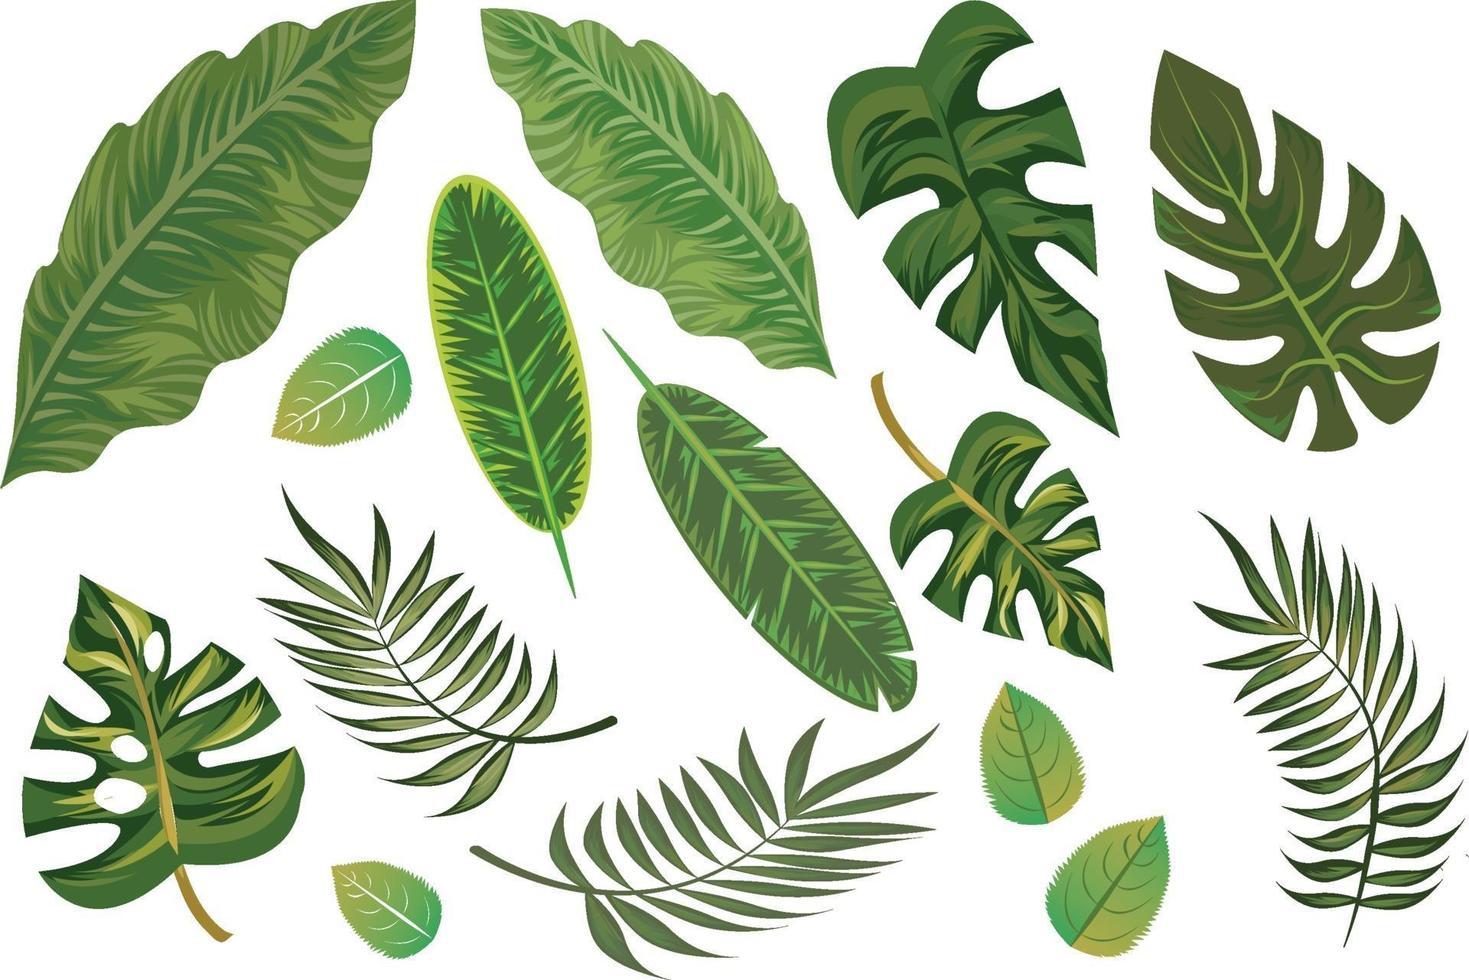 elementi tropicali disegnati a mano isolati dei fogli vettore